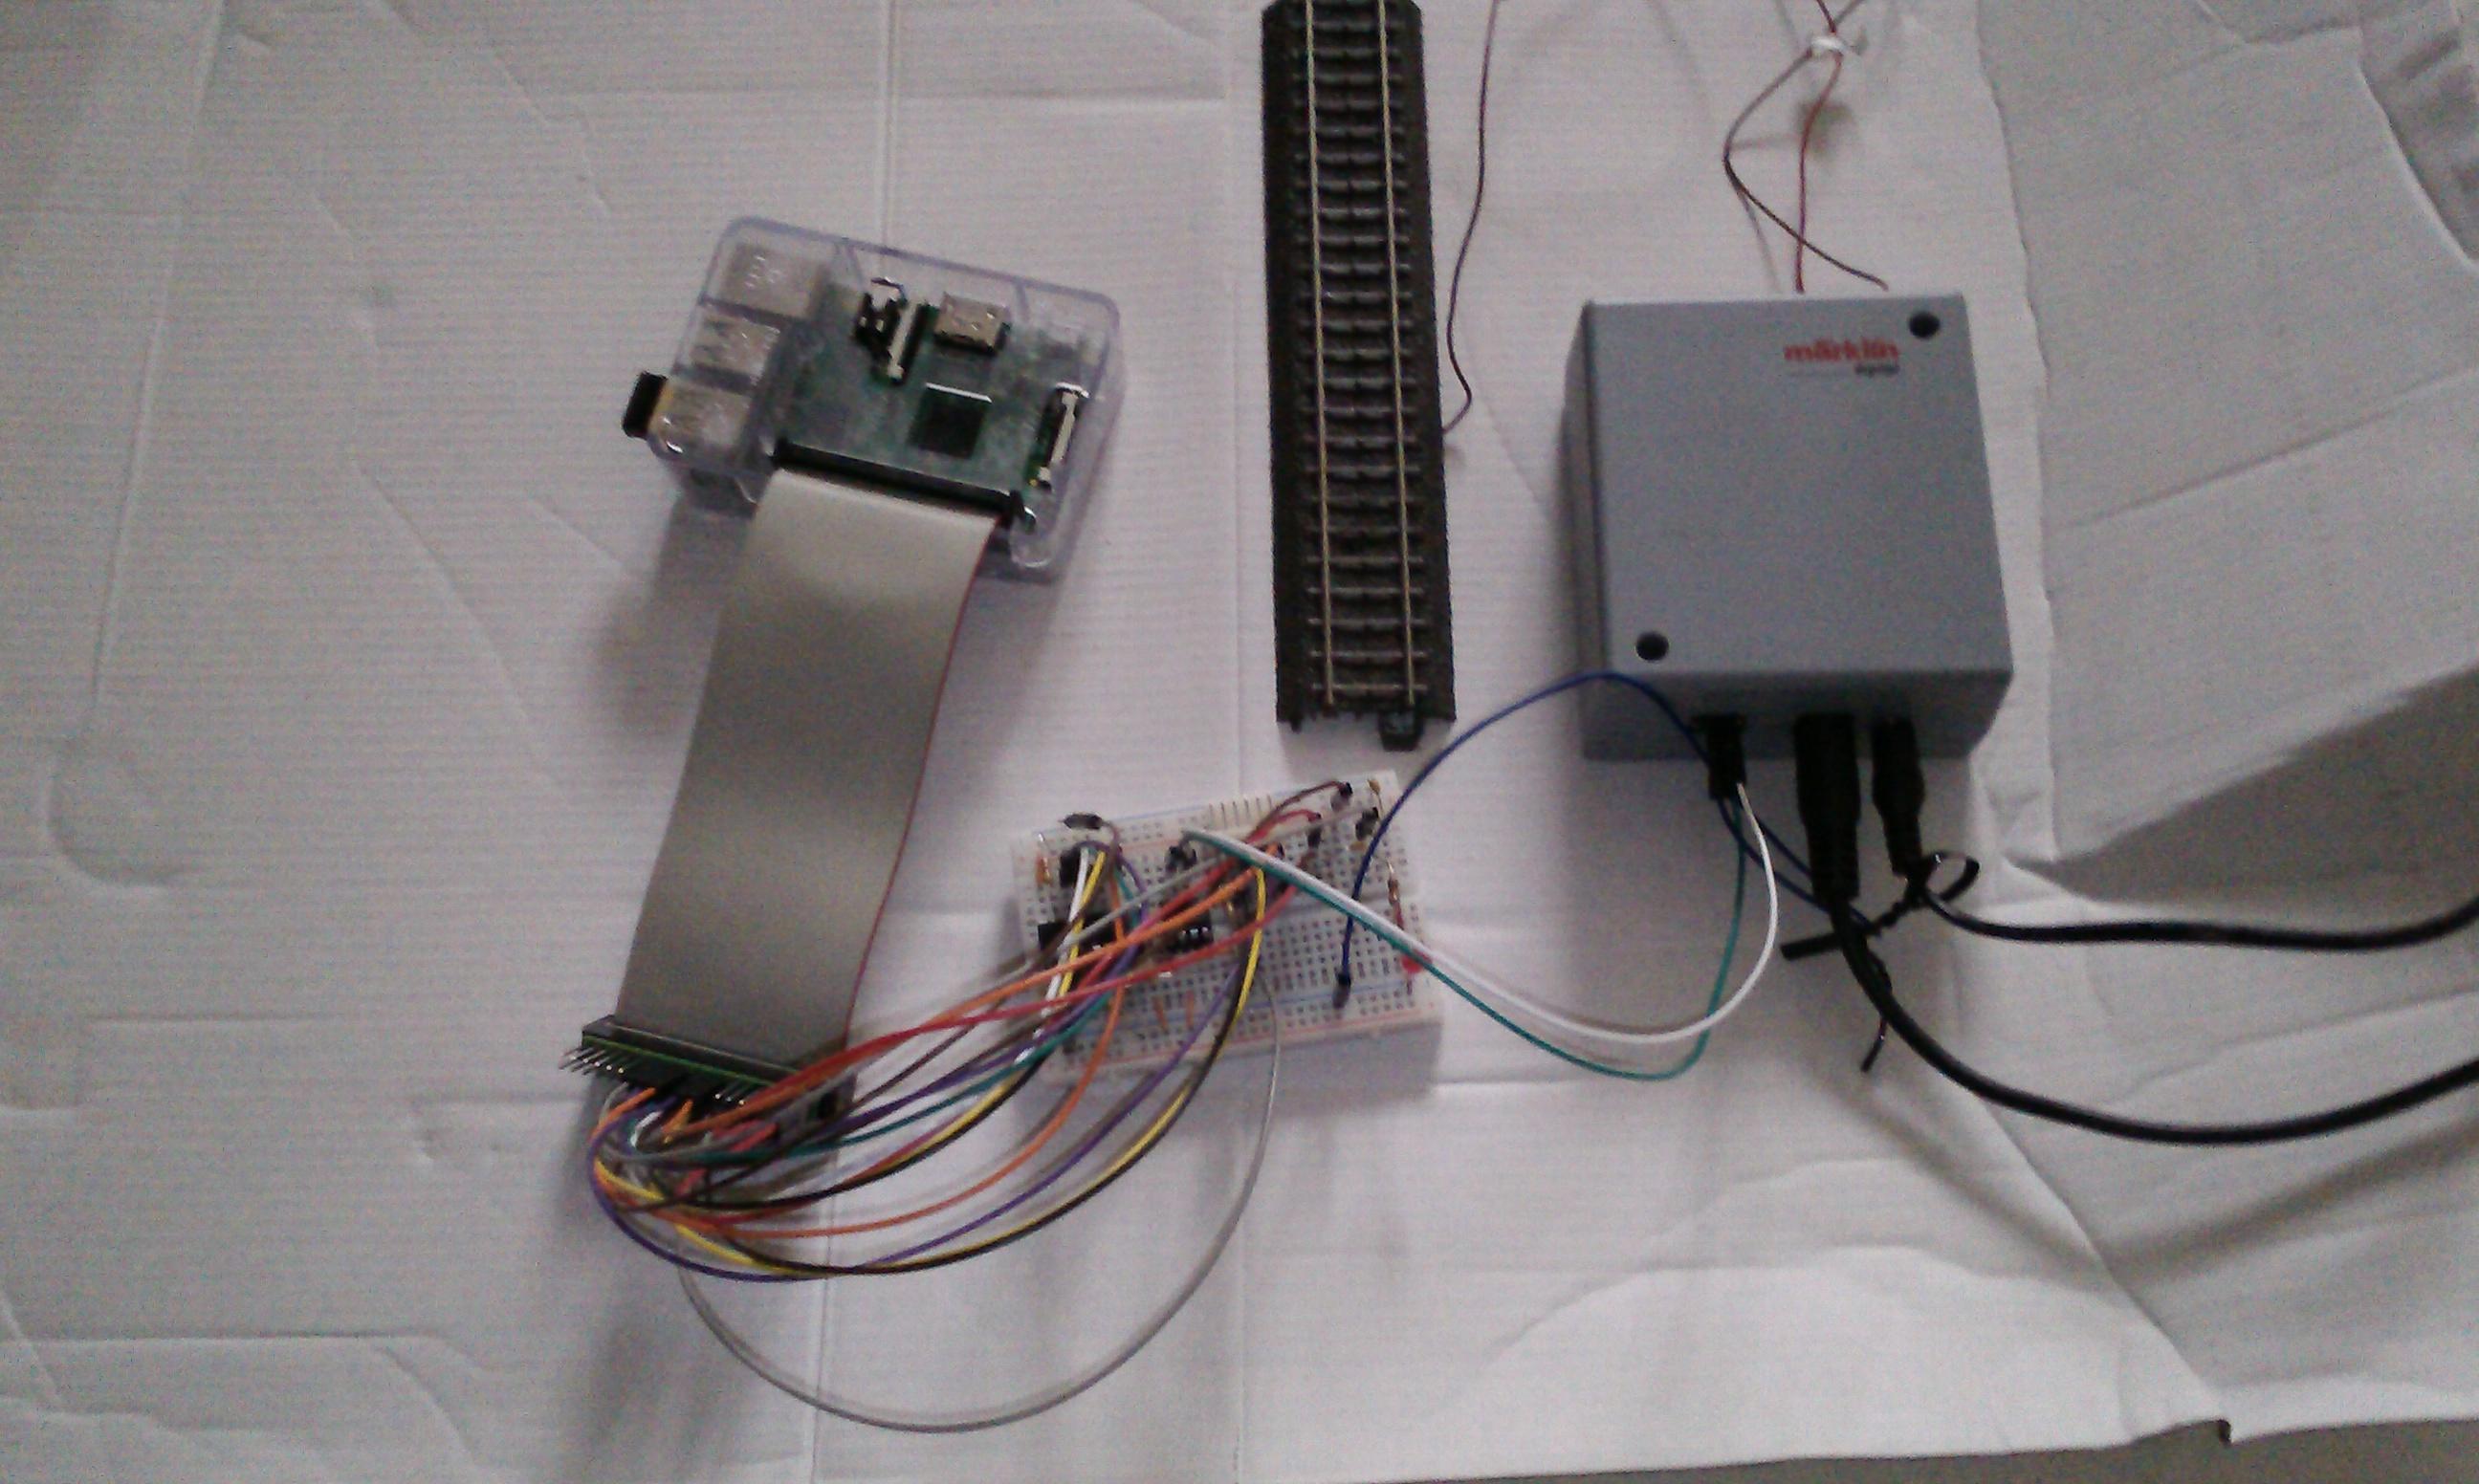 Maerklin Digital Steuerung mit Raspberry Pi ohne CS2